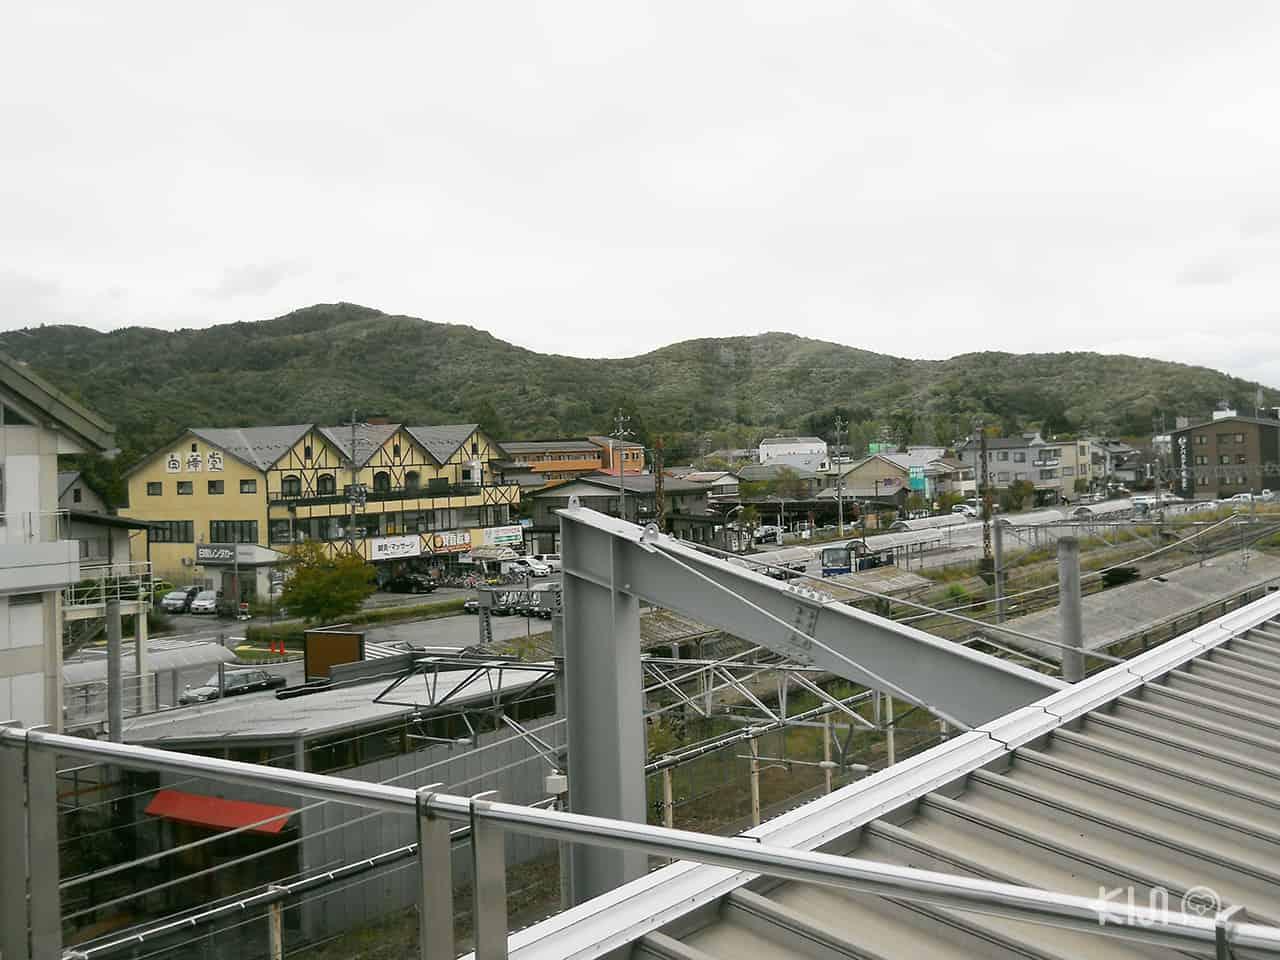 บรรยากาศของเมือง คารุอิซาวะ (Karuizawa)